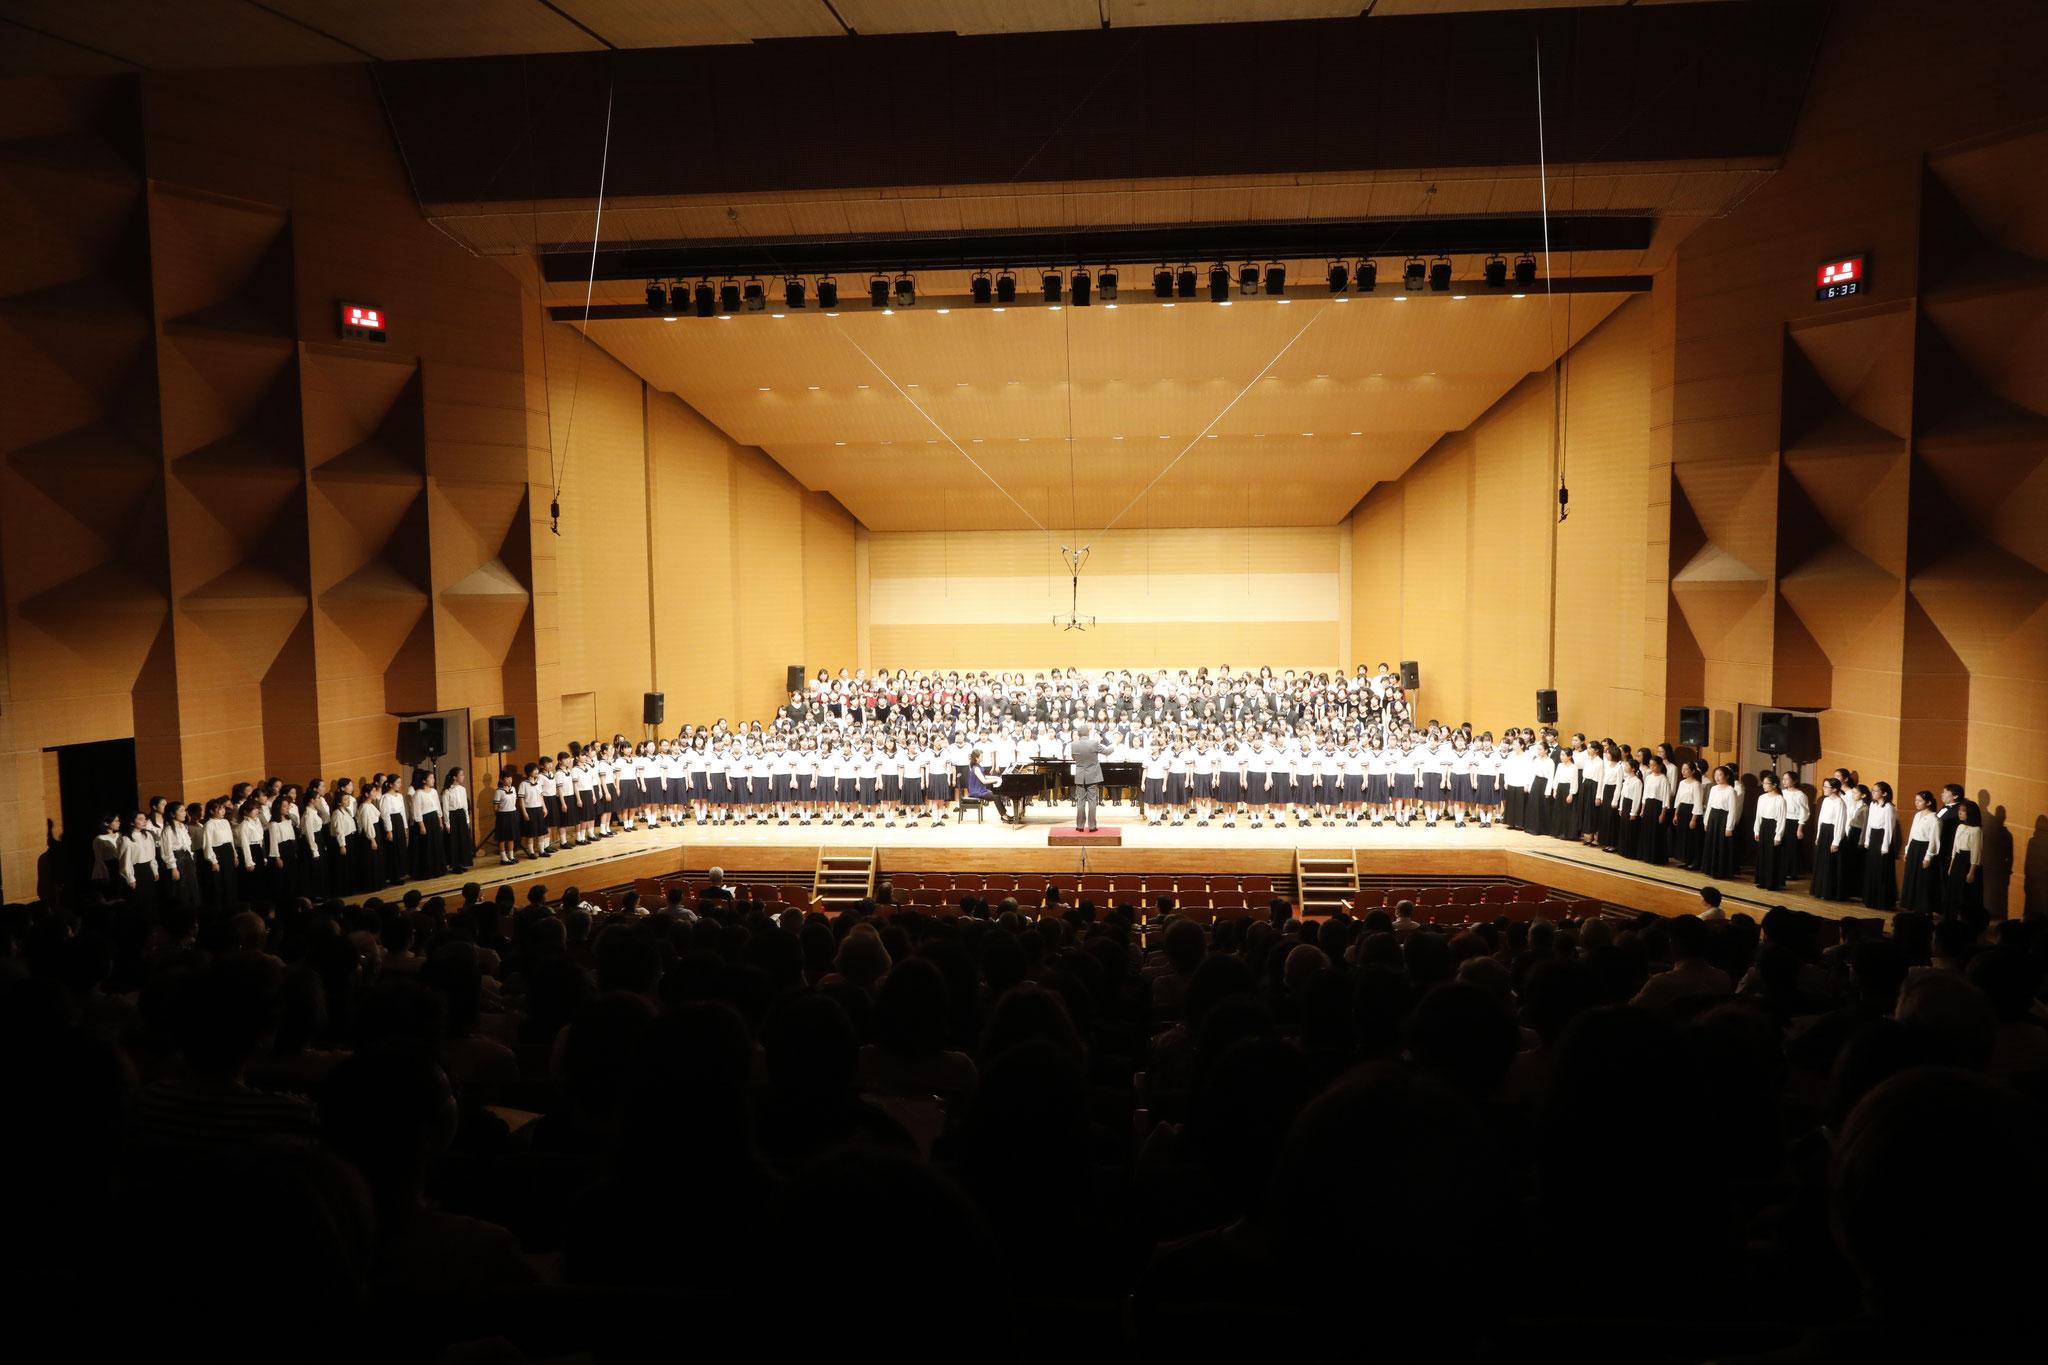 オープニングコンサート《改めて古典を。》合同合唱 指揮:古橋富士雄